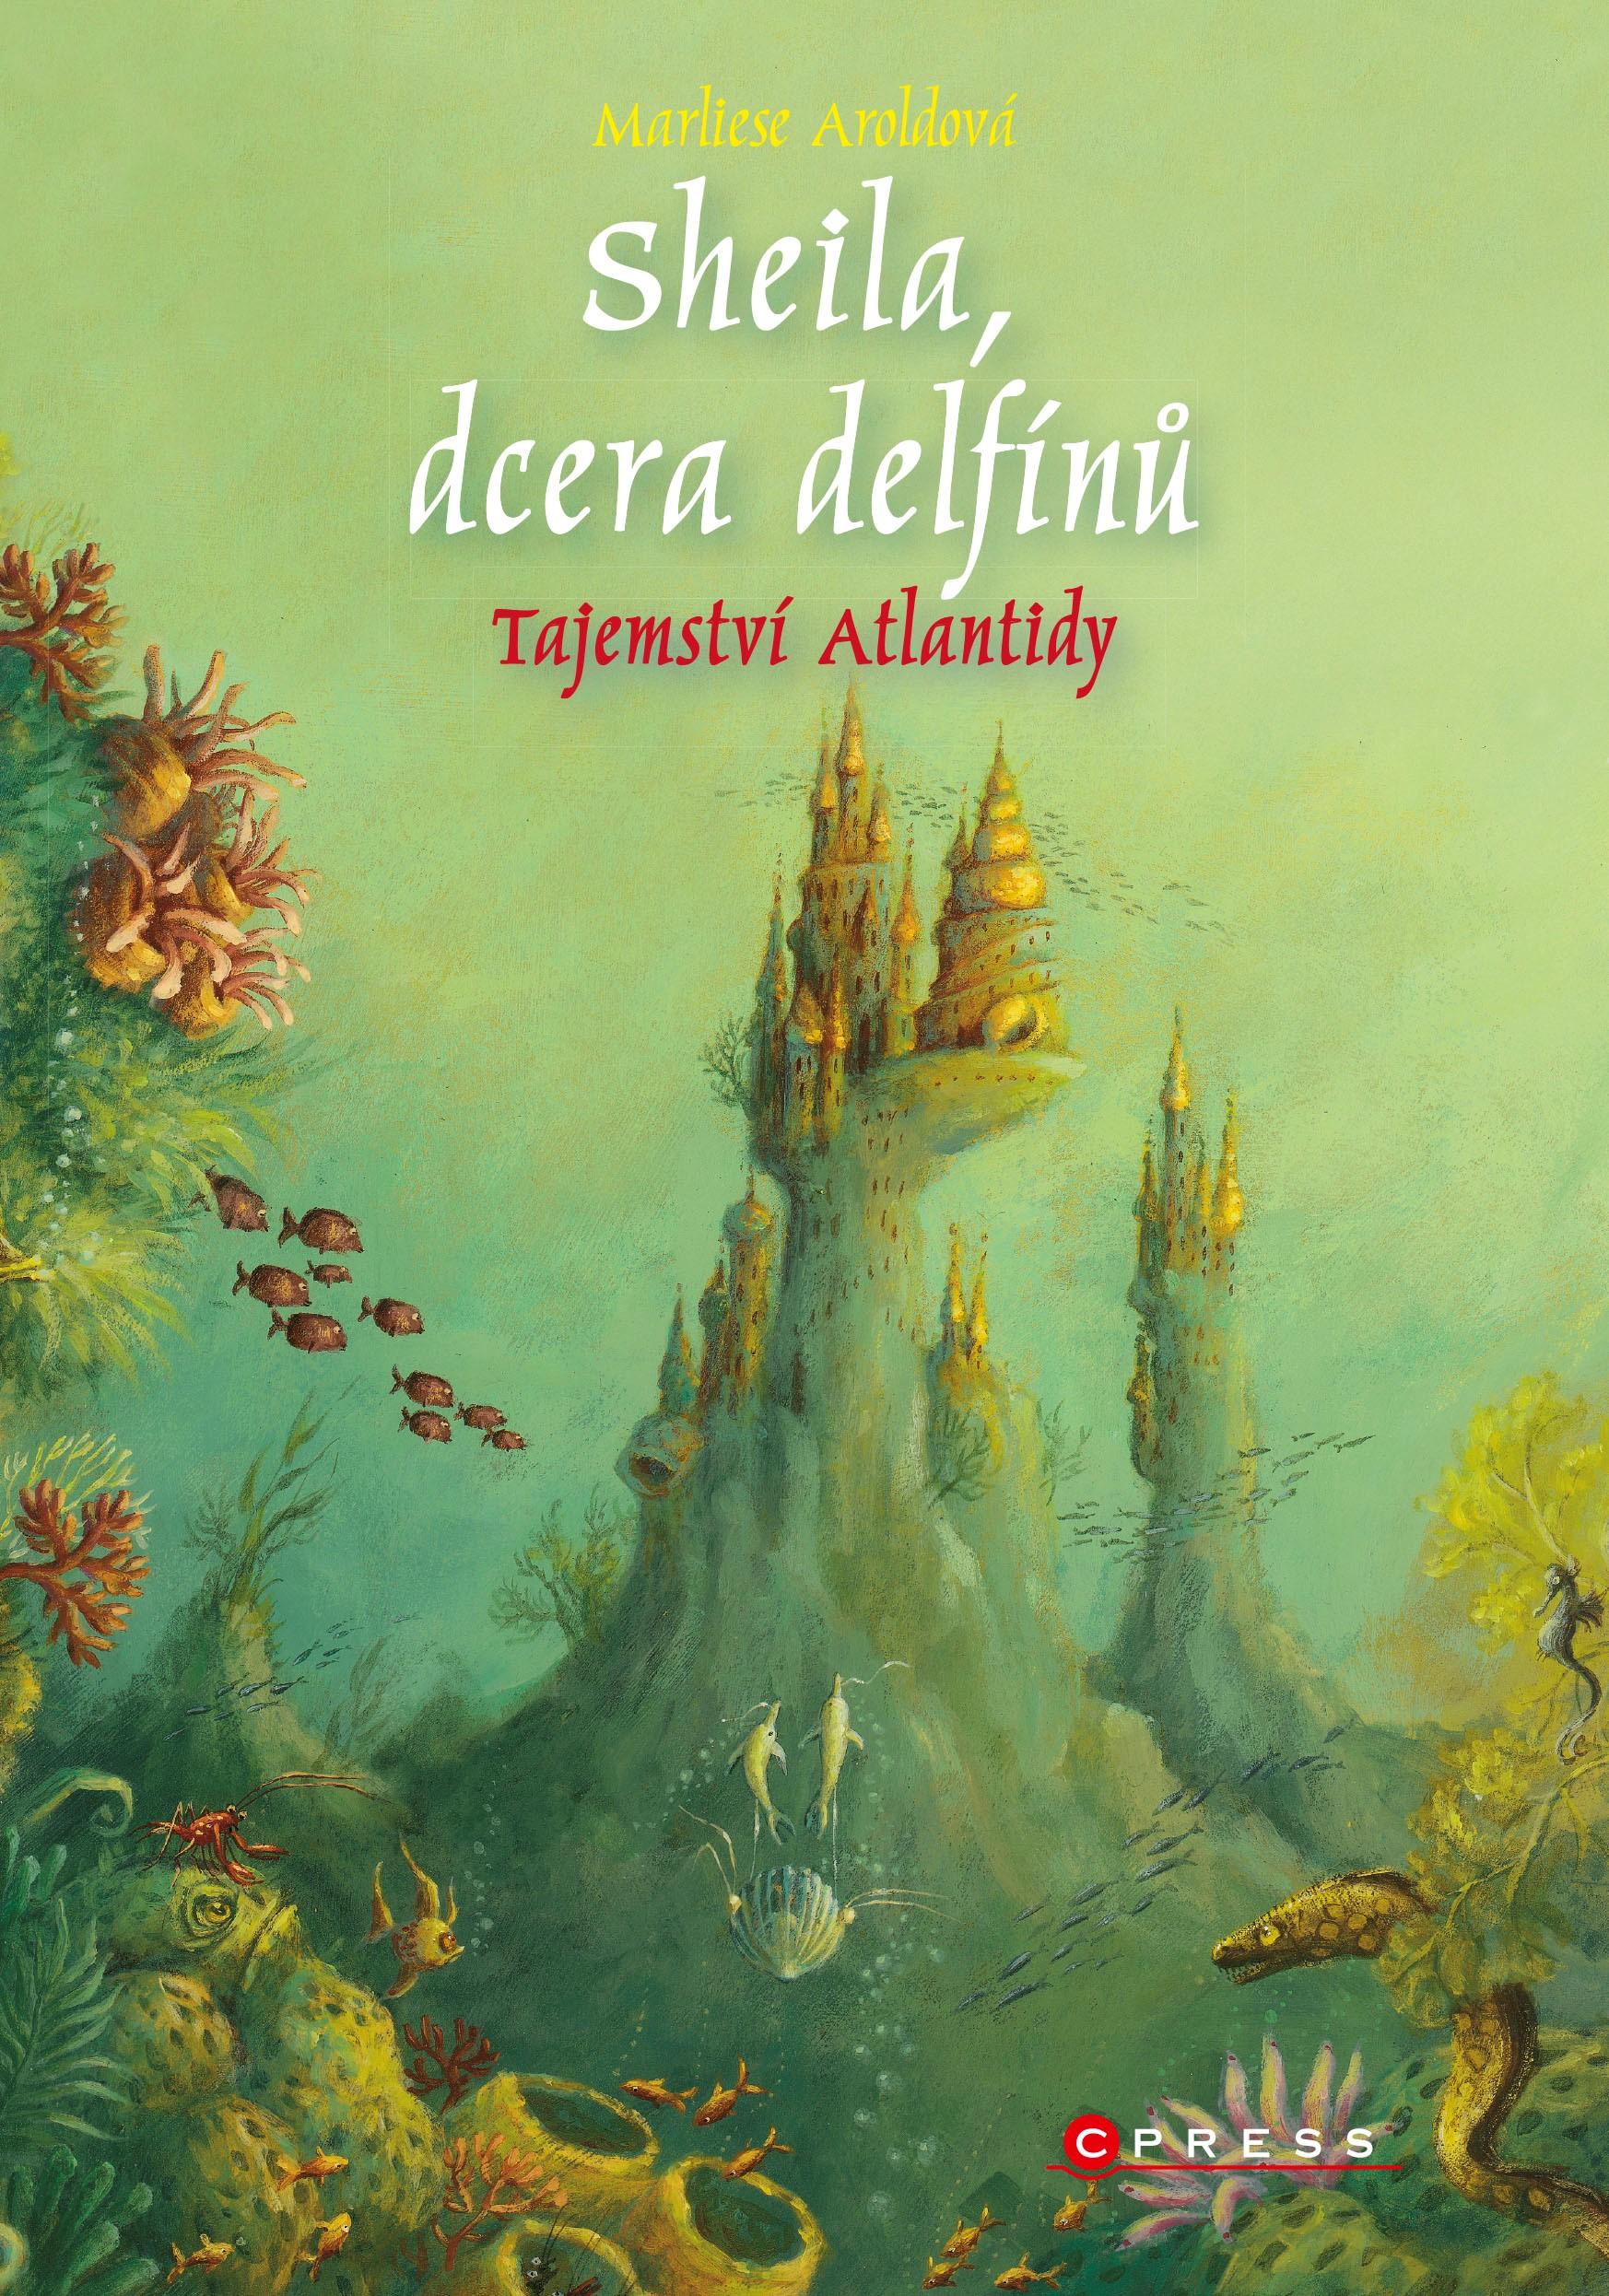 Sheila, dcera delfínů: Tajemství Atlantidy